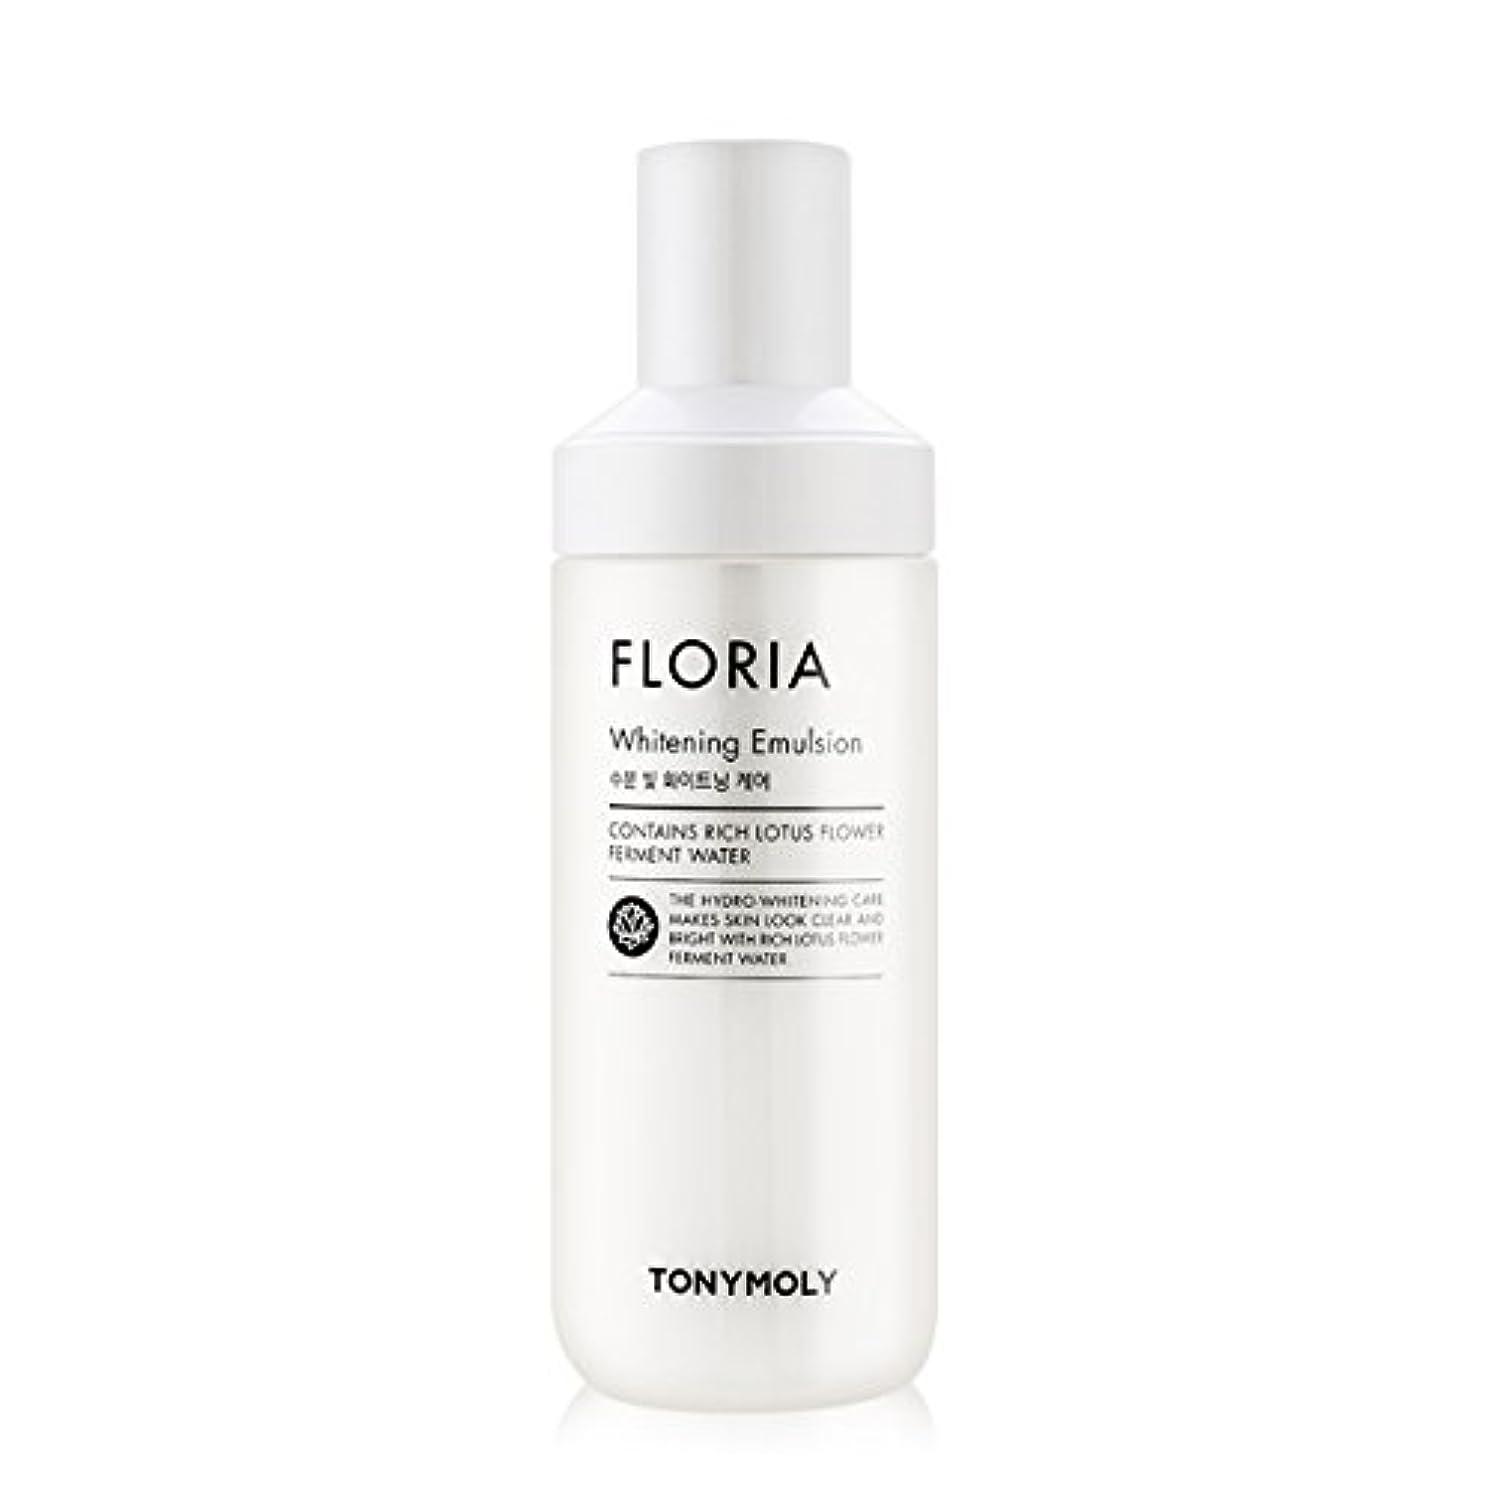 ビート服仮装[2016 New] TONYMOLY Floria Whitening Emulsion 160ml/トニーモリー フロリア ホワイトニング エマルジョン 160ml